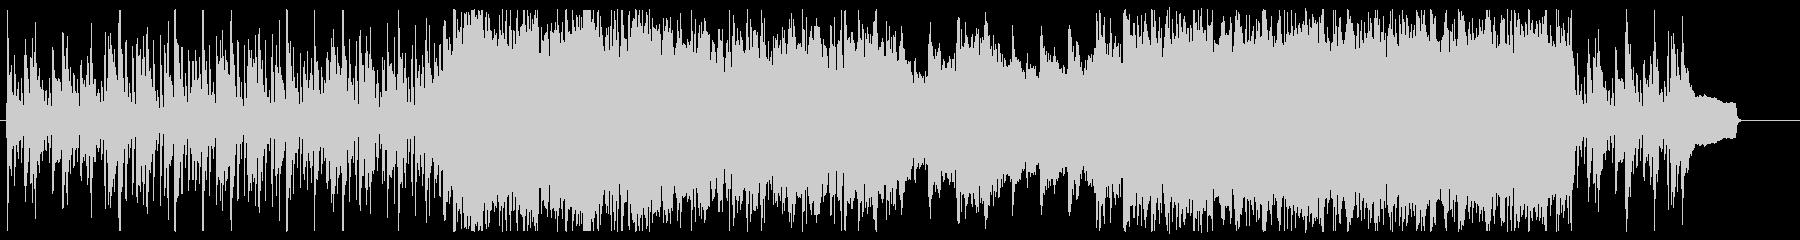 ポジティブなポップロックの未再生の波形